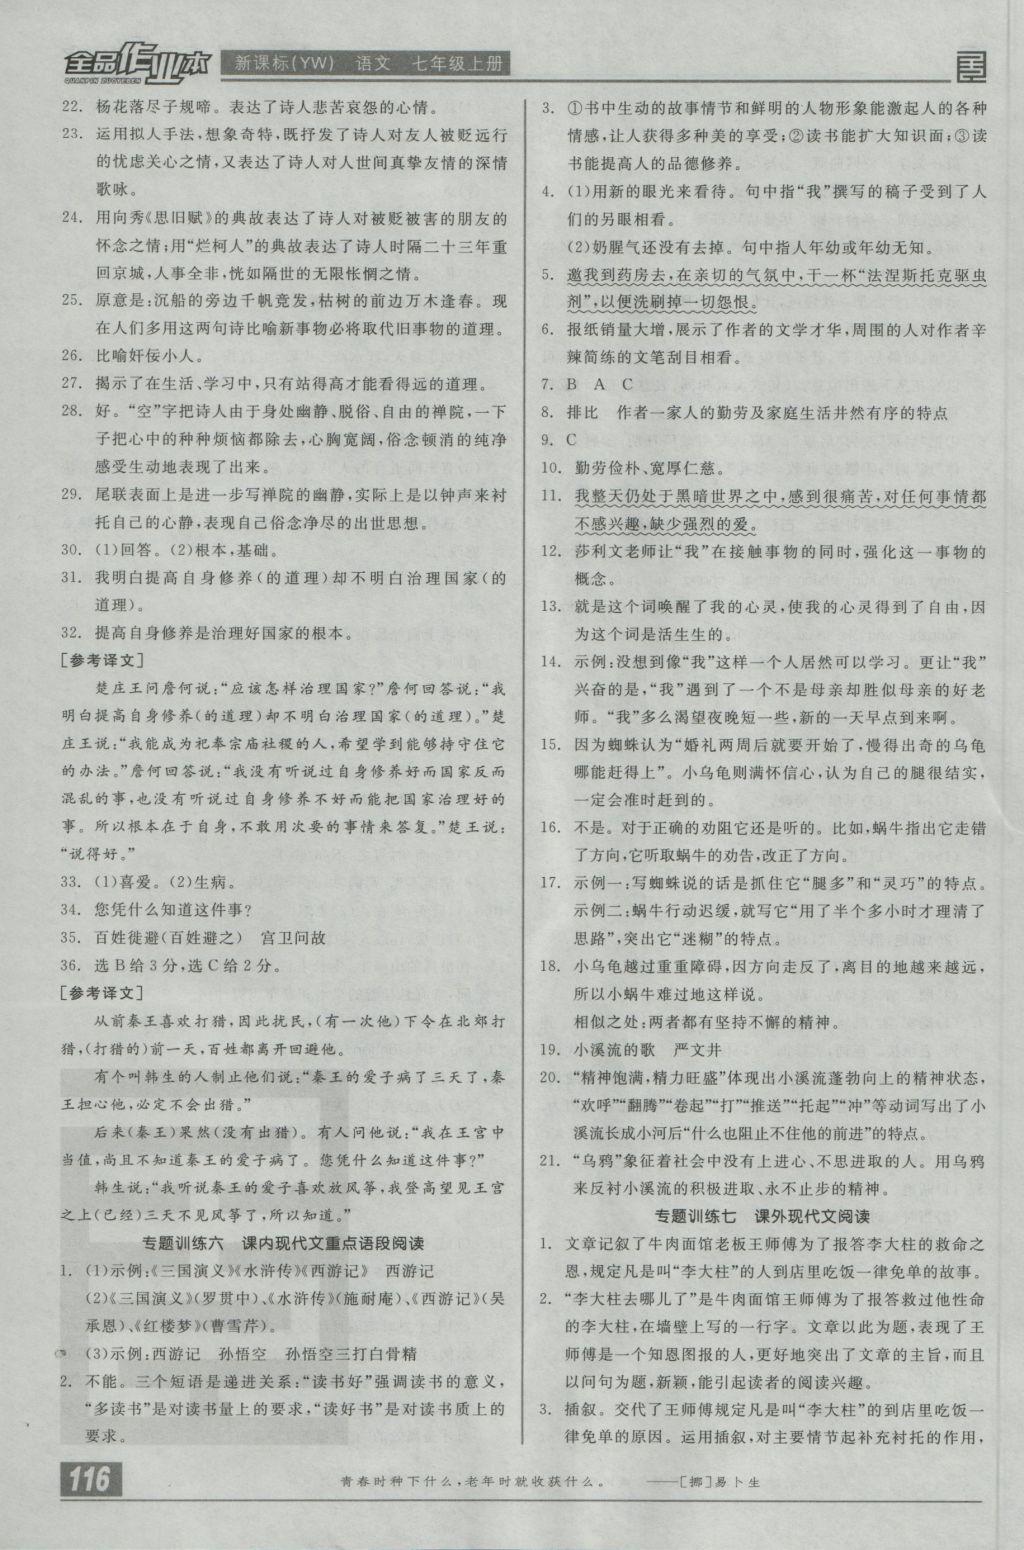 2016年全品作业本七年级语文上册语文版参考答案第18页